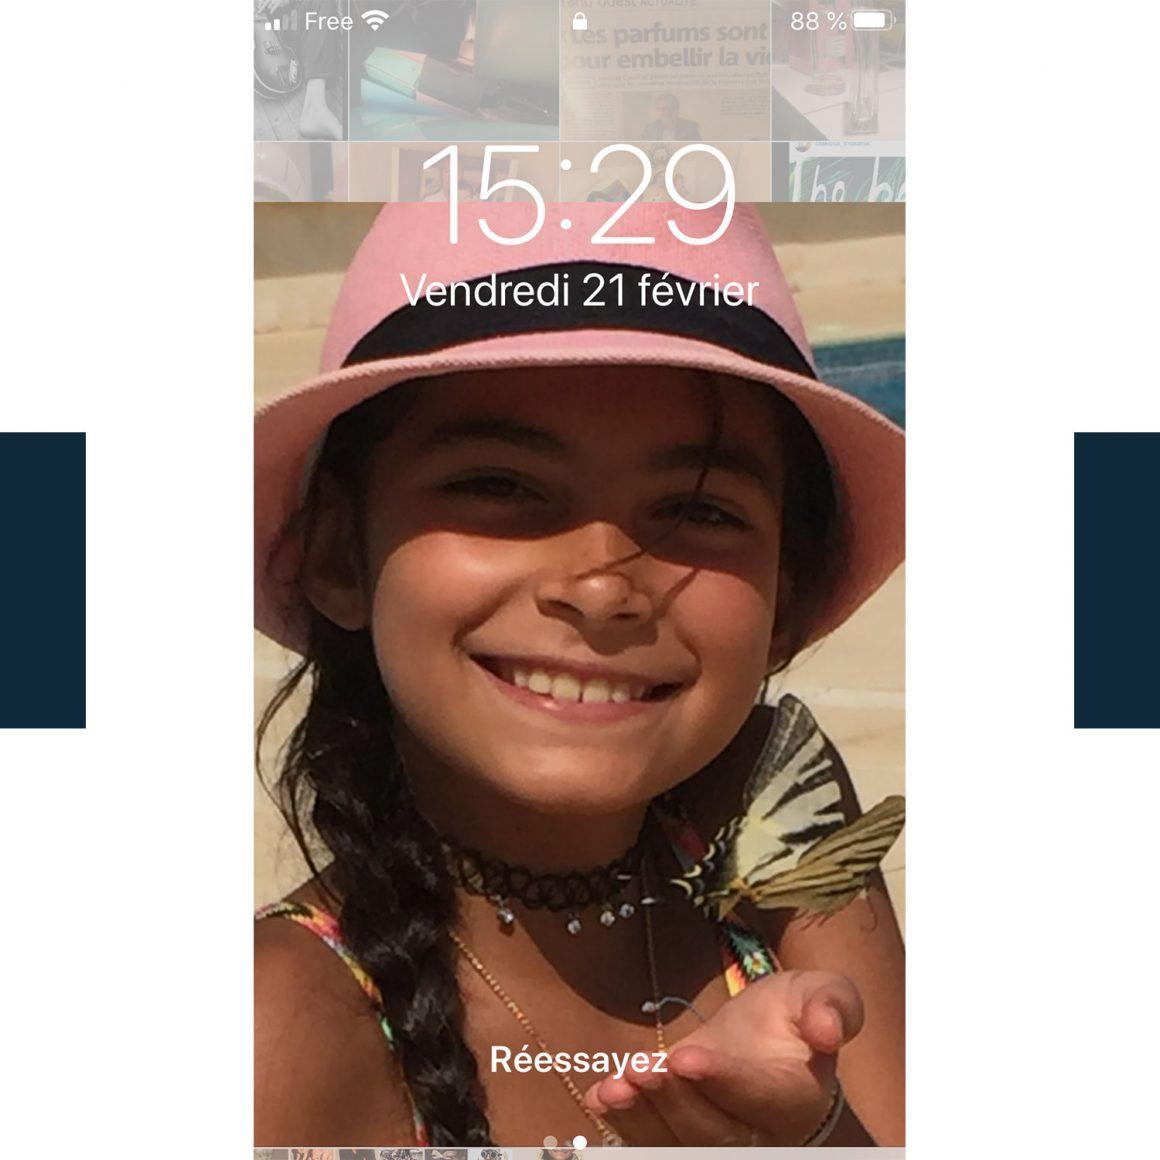 Le fond d'écran du téléphone de Nino Amaddeo